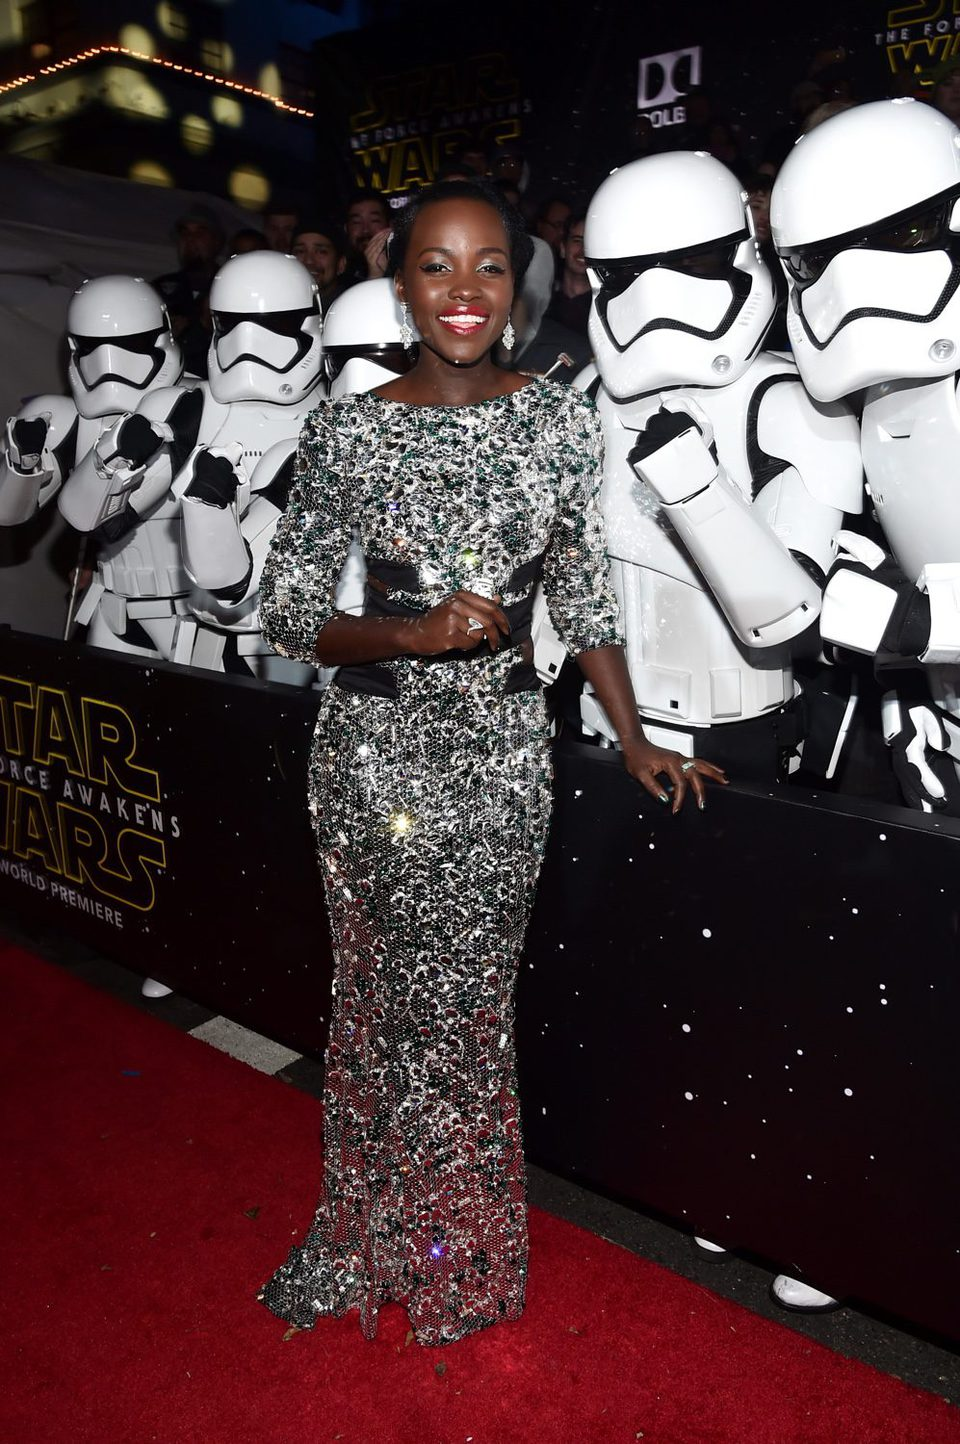 Lupita Nyong'o en la premiere de 'Star Wars: El despertar de la fuerza'